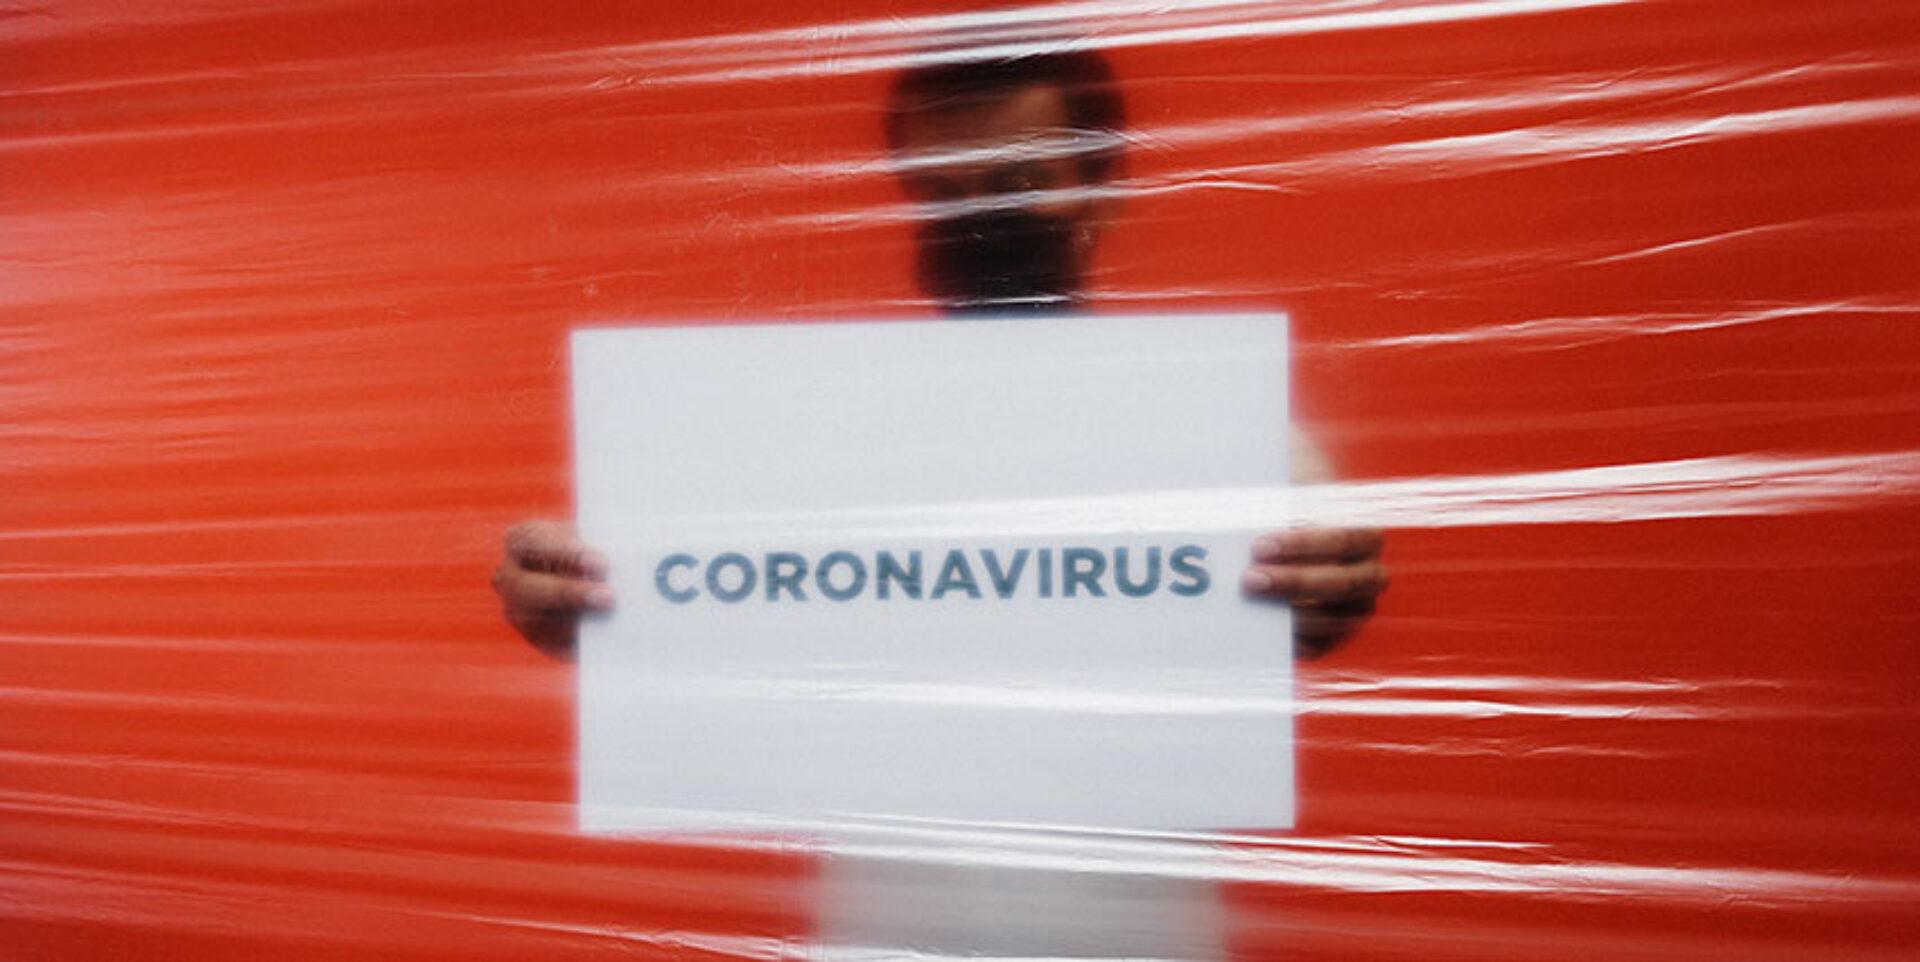 OPINIE / De hypnosetheorie achter de coronahype